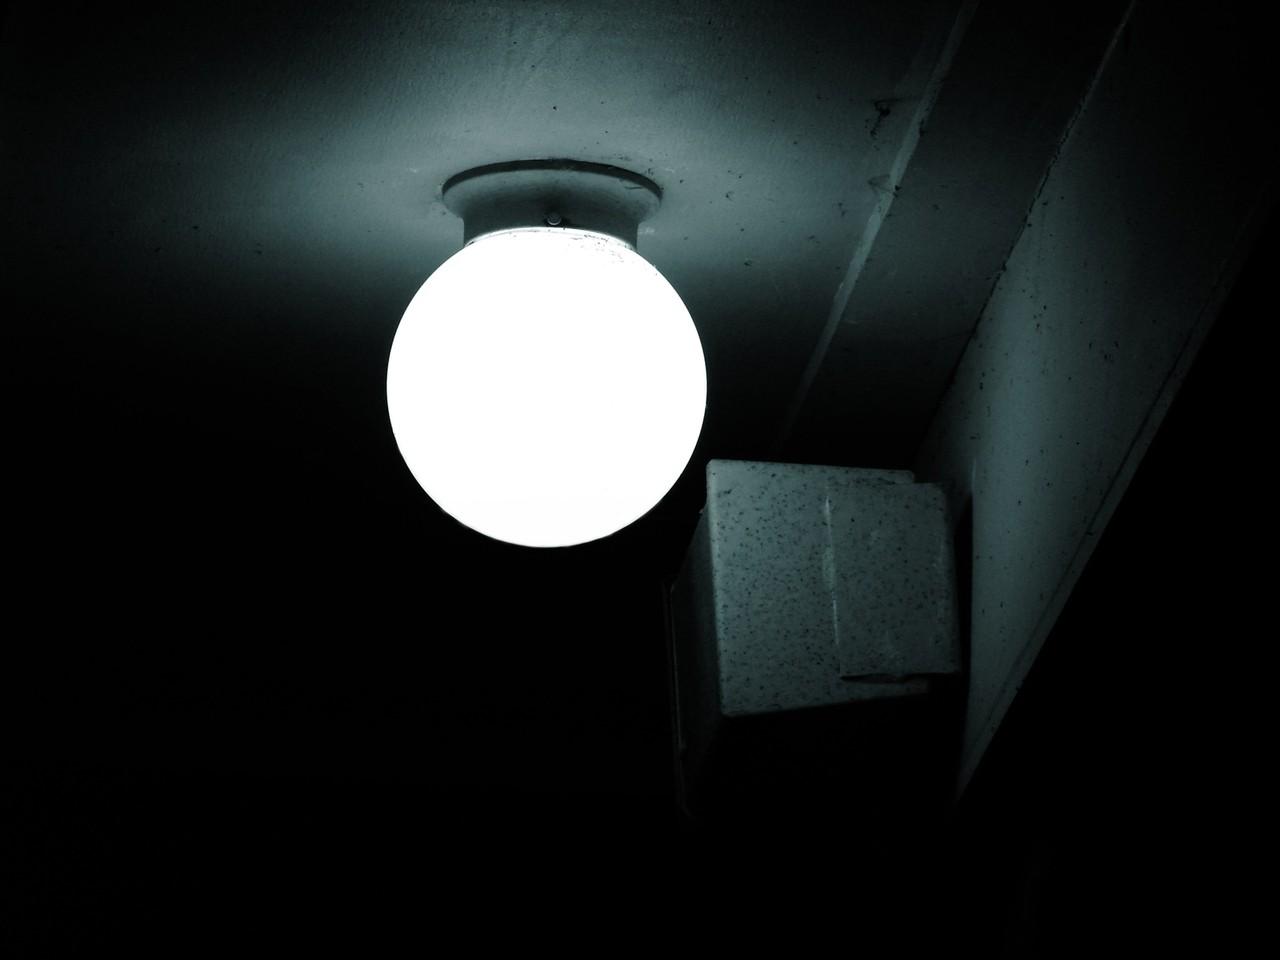 O tym, jak ważne jest oświetlenie